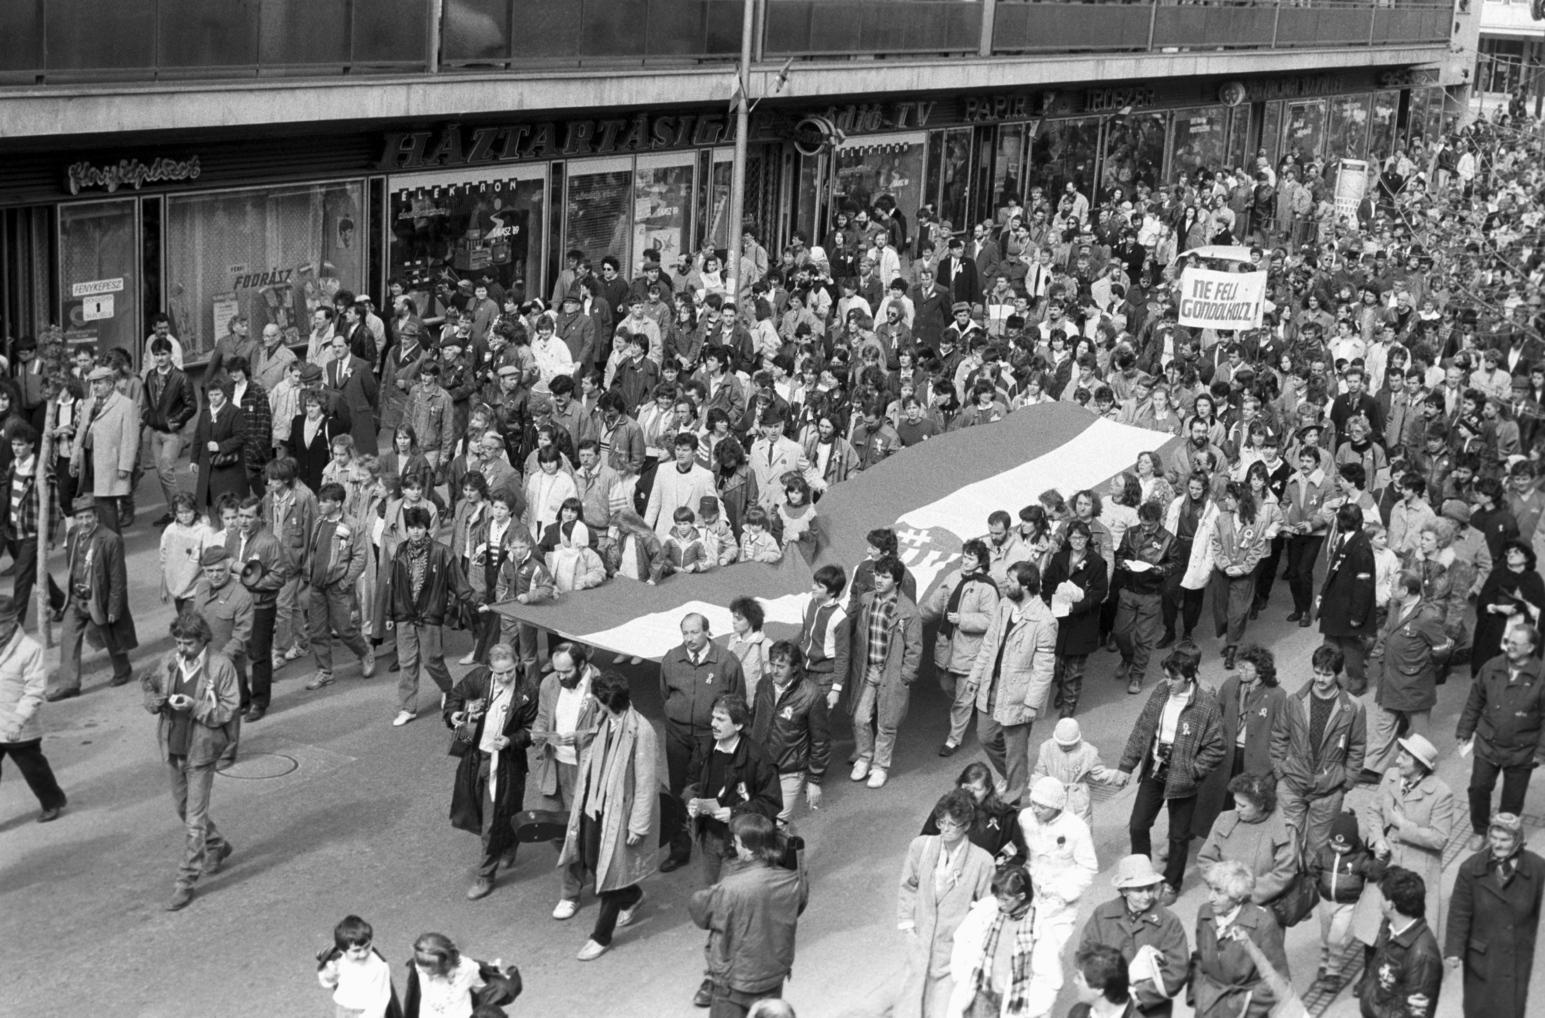 Zalaegerszeg, 1989. március 11. A résztvevők a Csányi László térre vonulnak a Magyar Demokrata Fórum (MDF) és a Fiatal Demokraták Szövetsége (FIDESZ) szervezésében megtartott március 15-i ünnepségen. MTI Fotó: Zóka Gyula